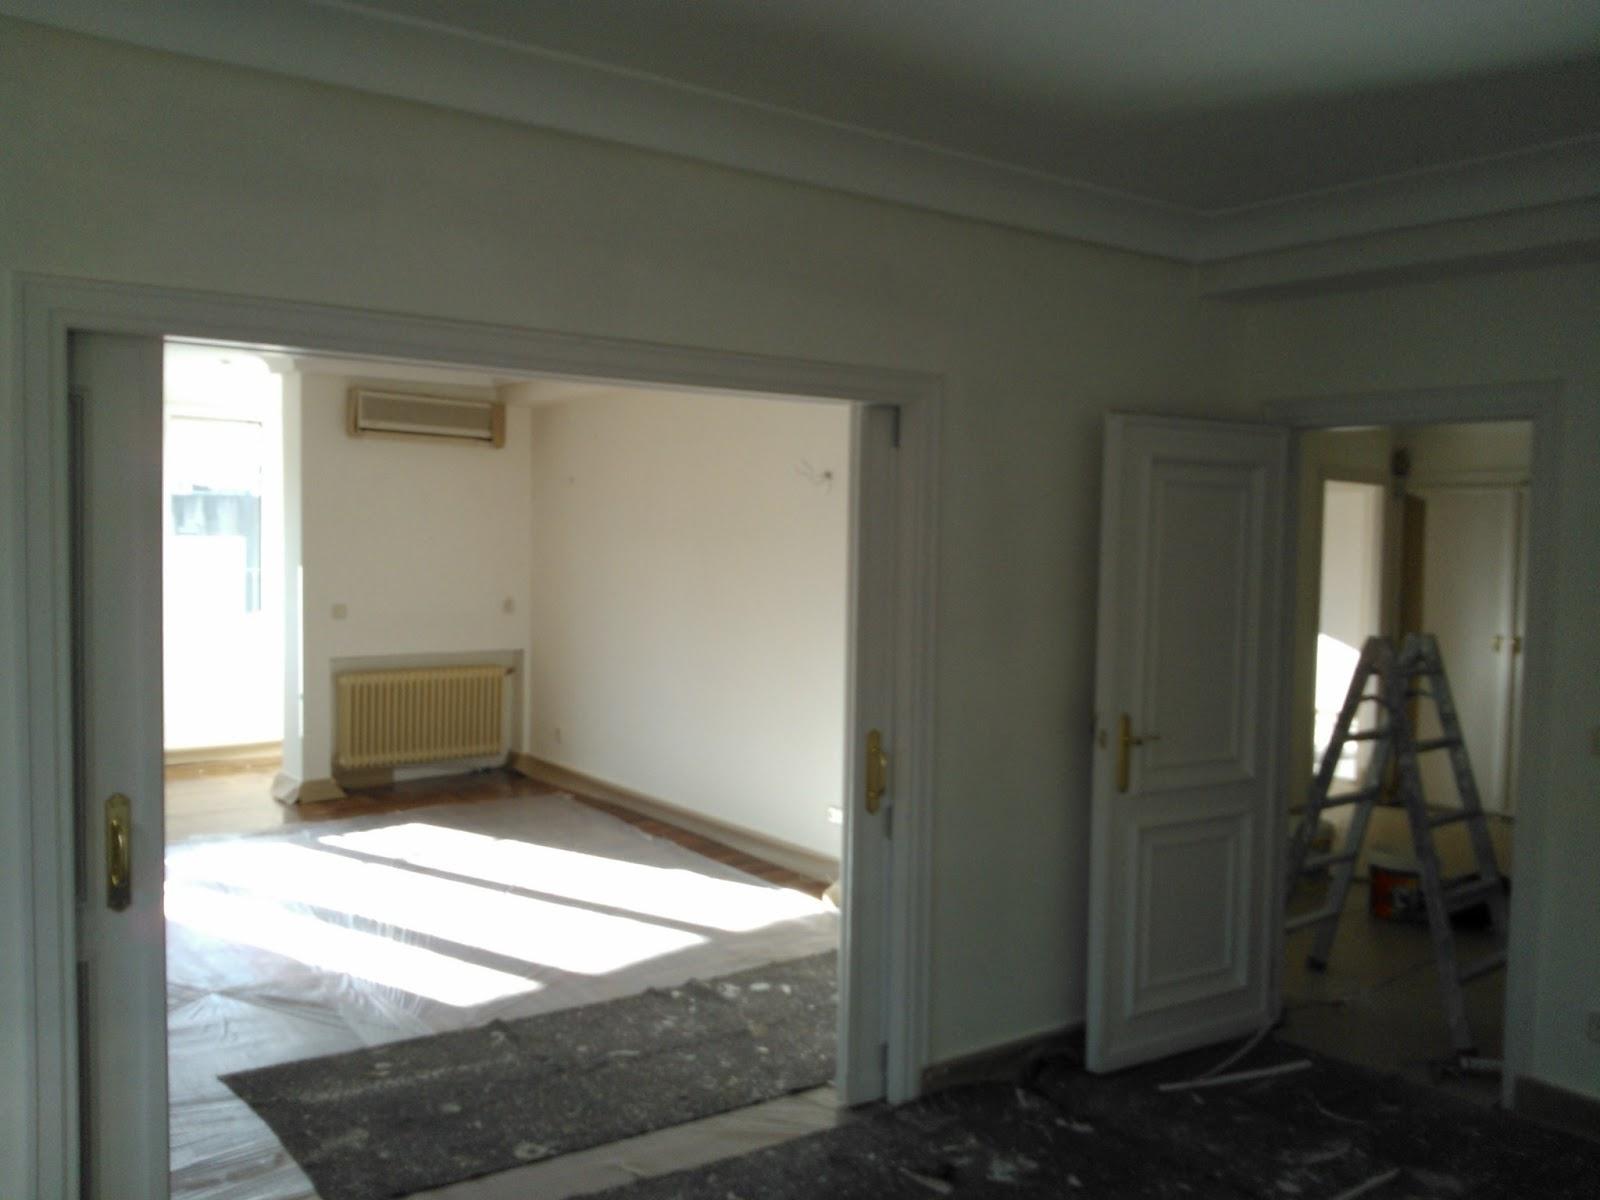 Mondecor s l piso pintado en pintura plastica blanca lisa y puertas rodapies armarios en Color blanco roto para paredes